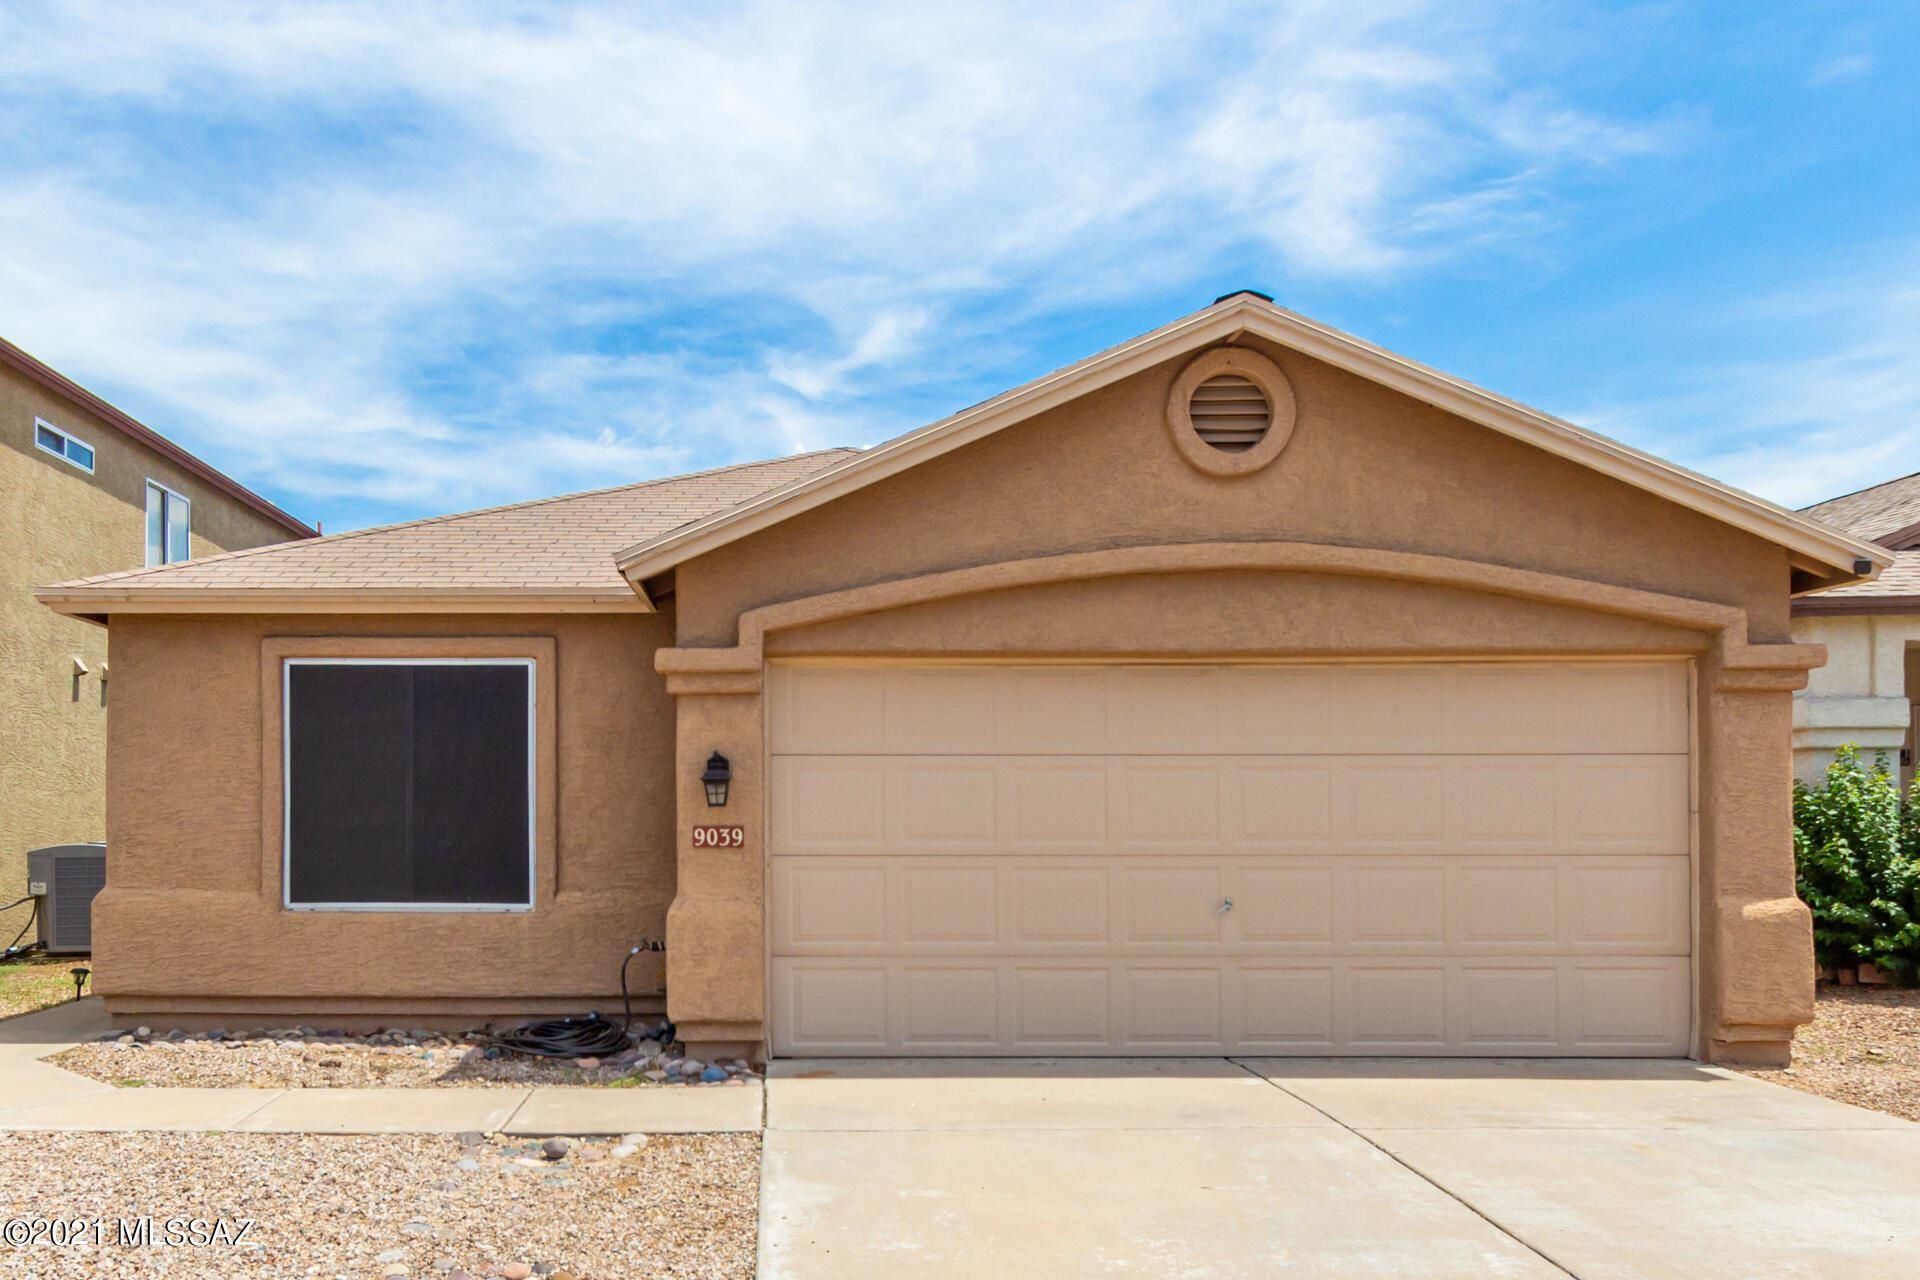 9039 E Ironbark Street, Tucson, AZ 85747 - MLS#: 22118282